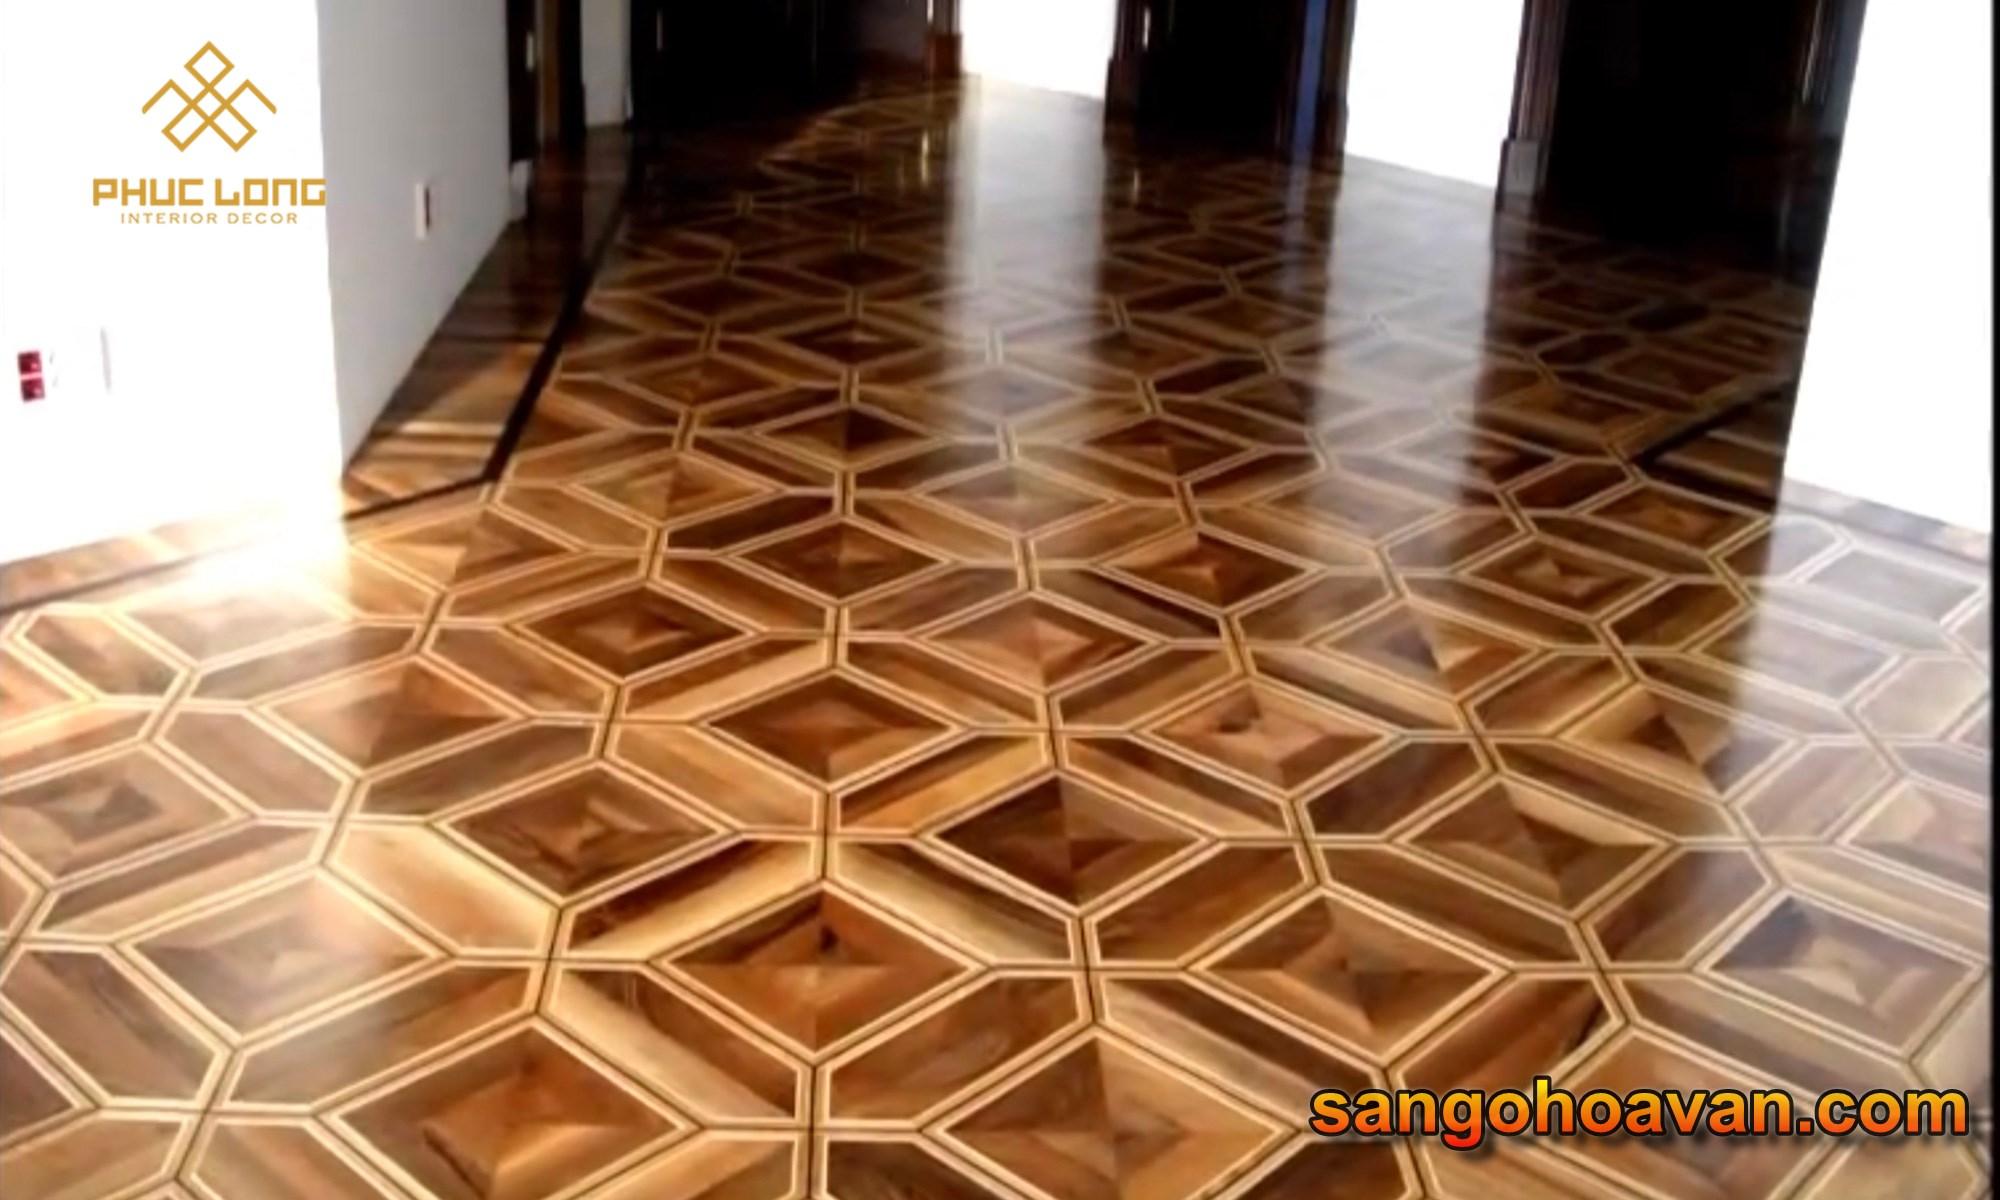 sàn gỗ hoa văn nghệ thuật sơn hệ uv